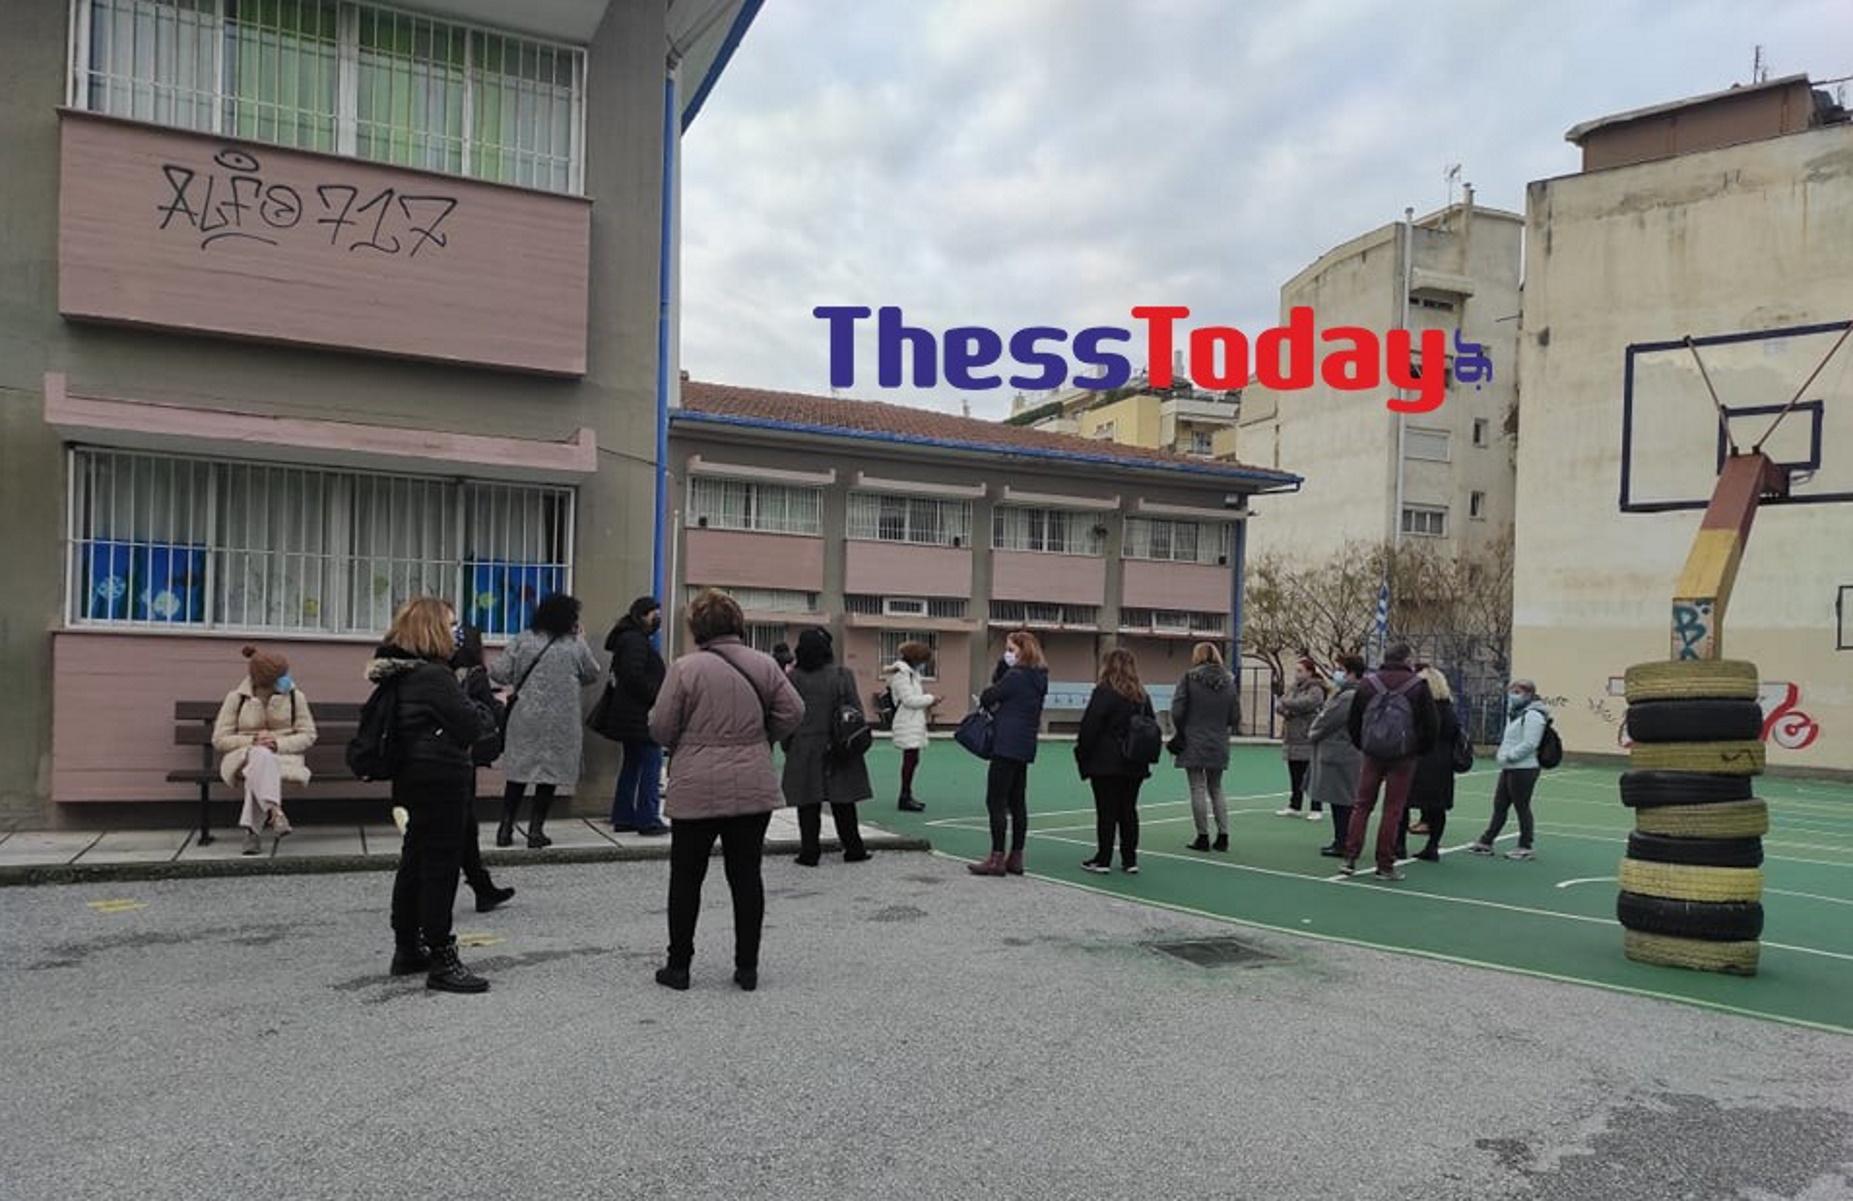 Σχολεία: Εκπαιδευτικοί στην ουρά για rapid test στην Καλαμαριά (pics)